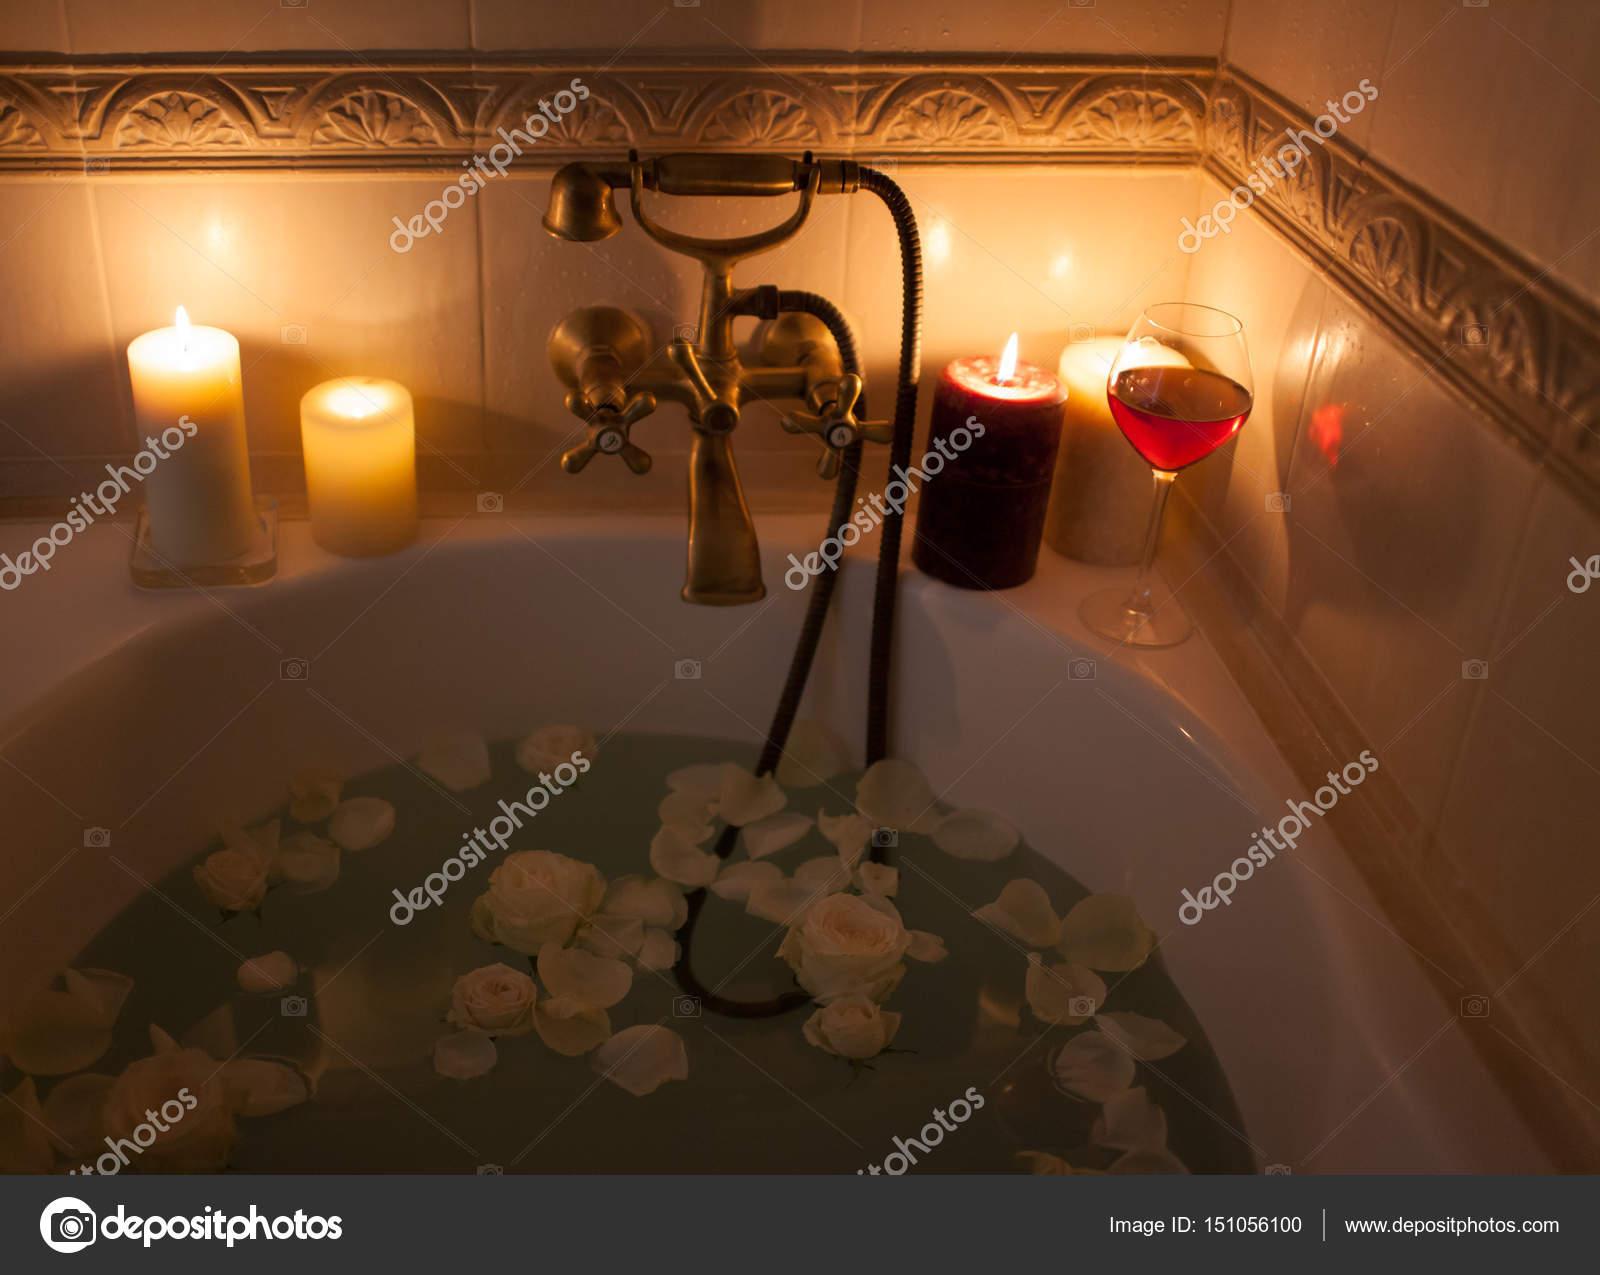 Vasca Da Bagno Romantica Con Candele : Le candele piccoli oggetti per una grande personalizzazione del bagno